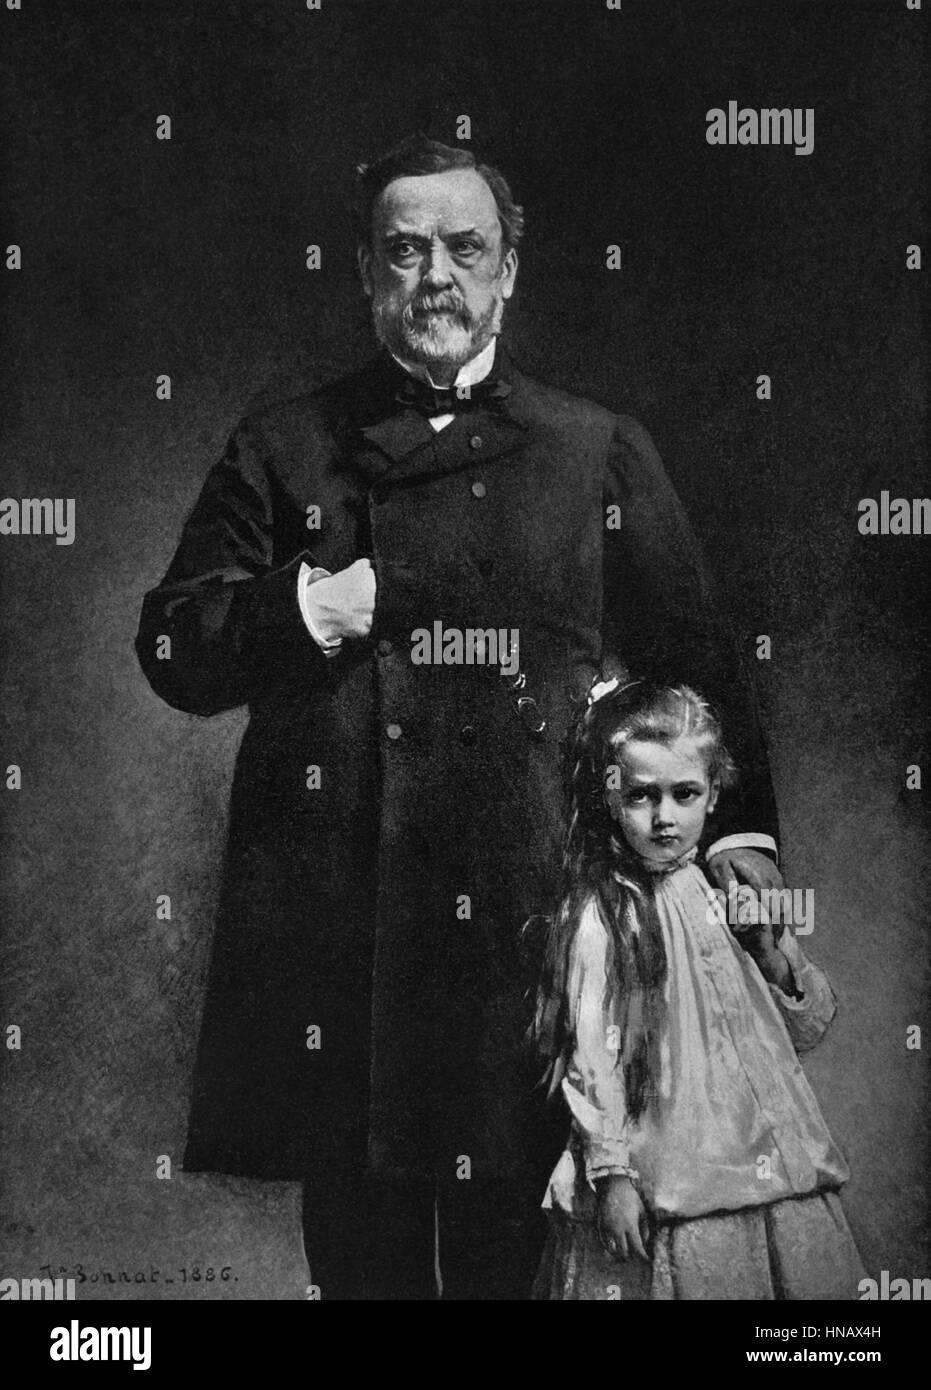 LOUIS PASTEUR chimico e microbiologo (1880) Immagini Stock